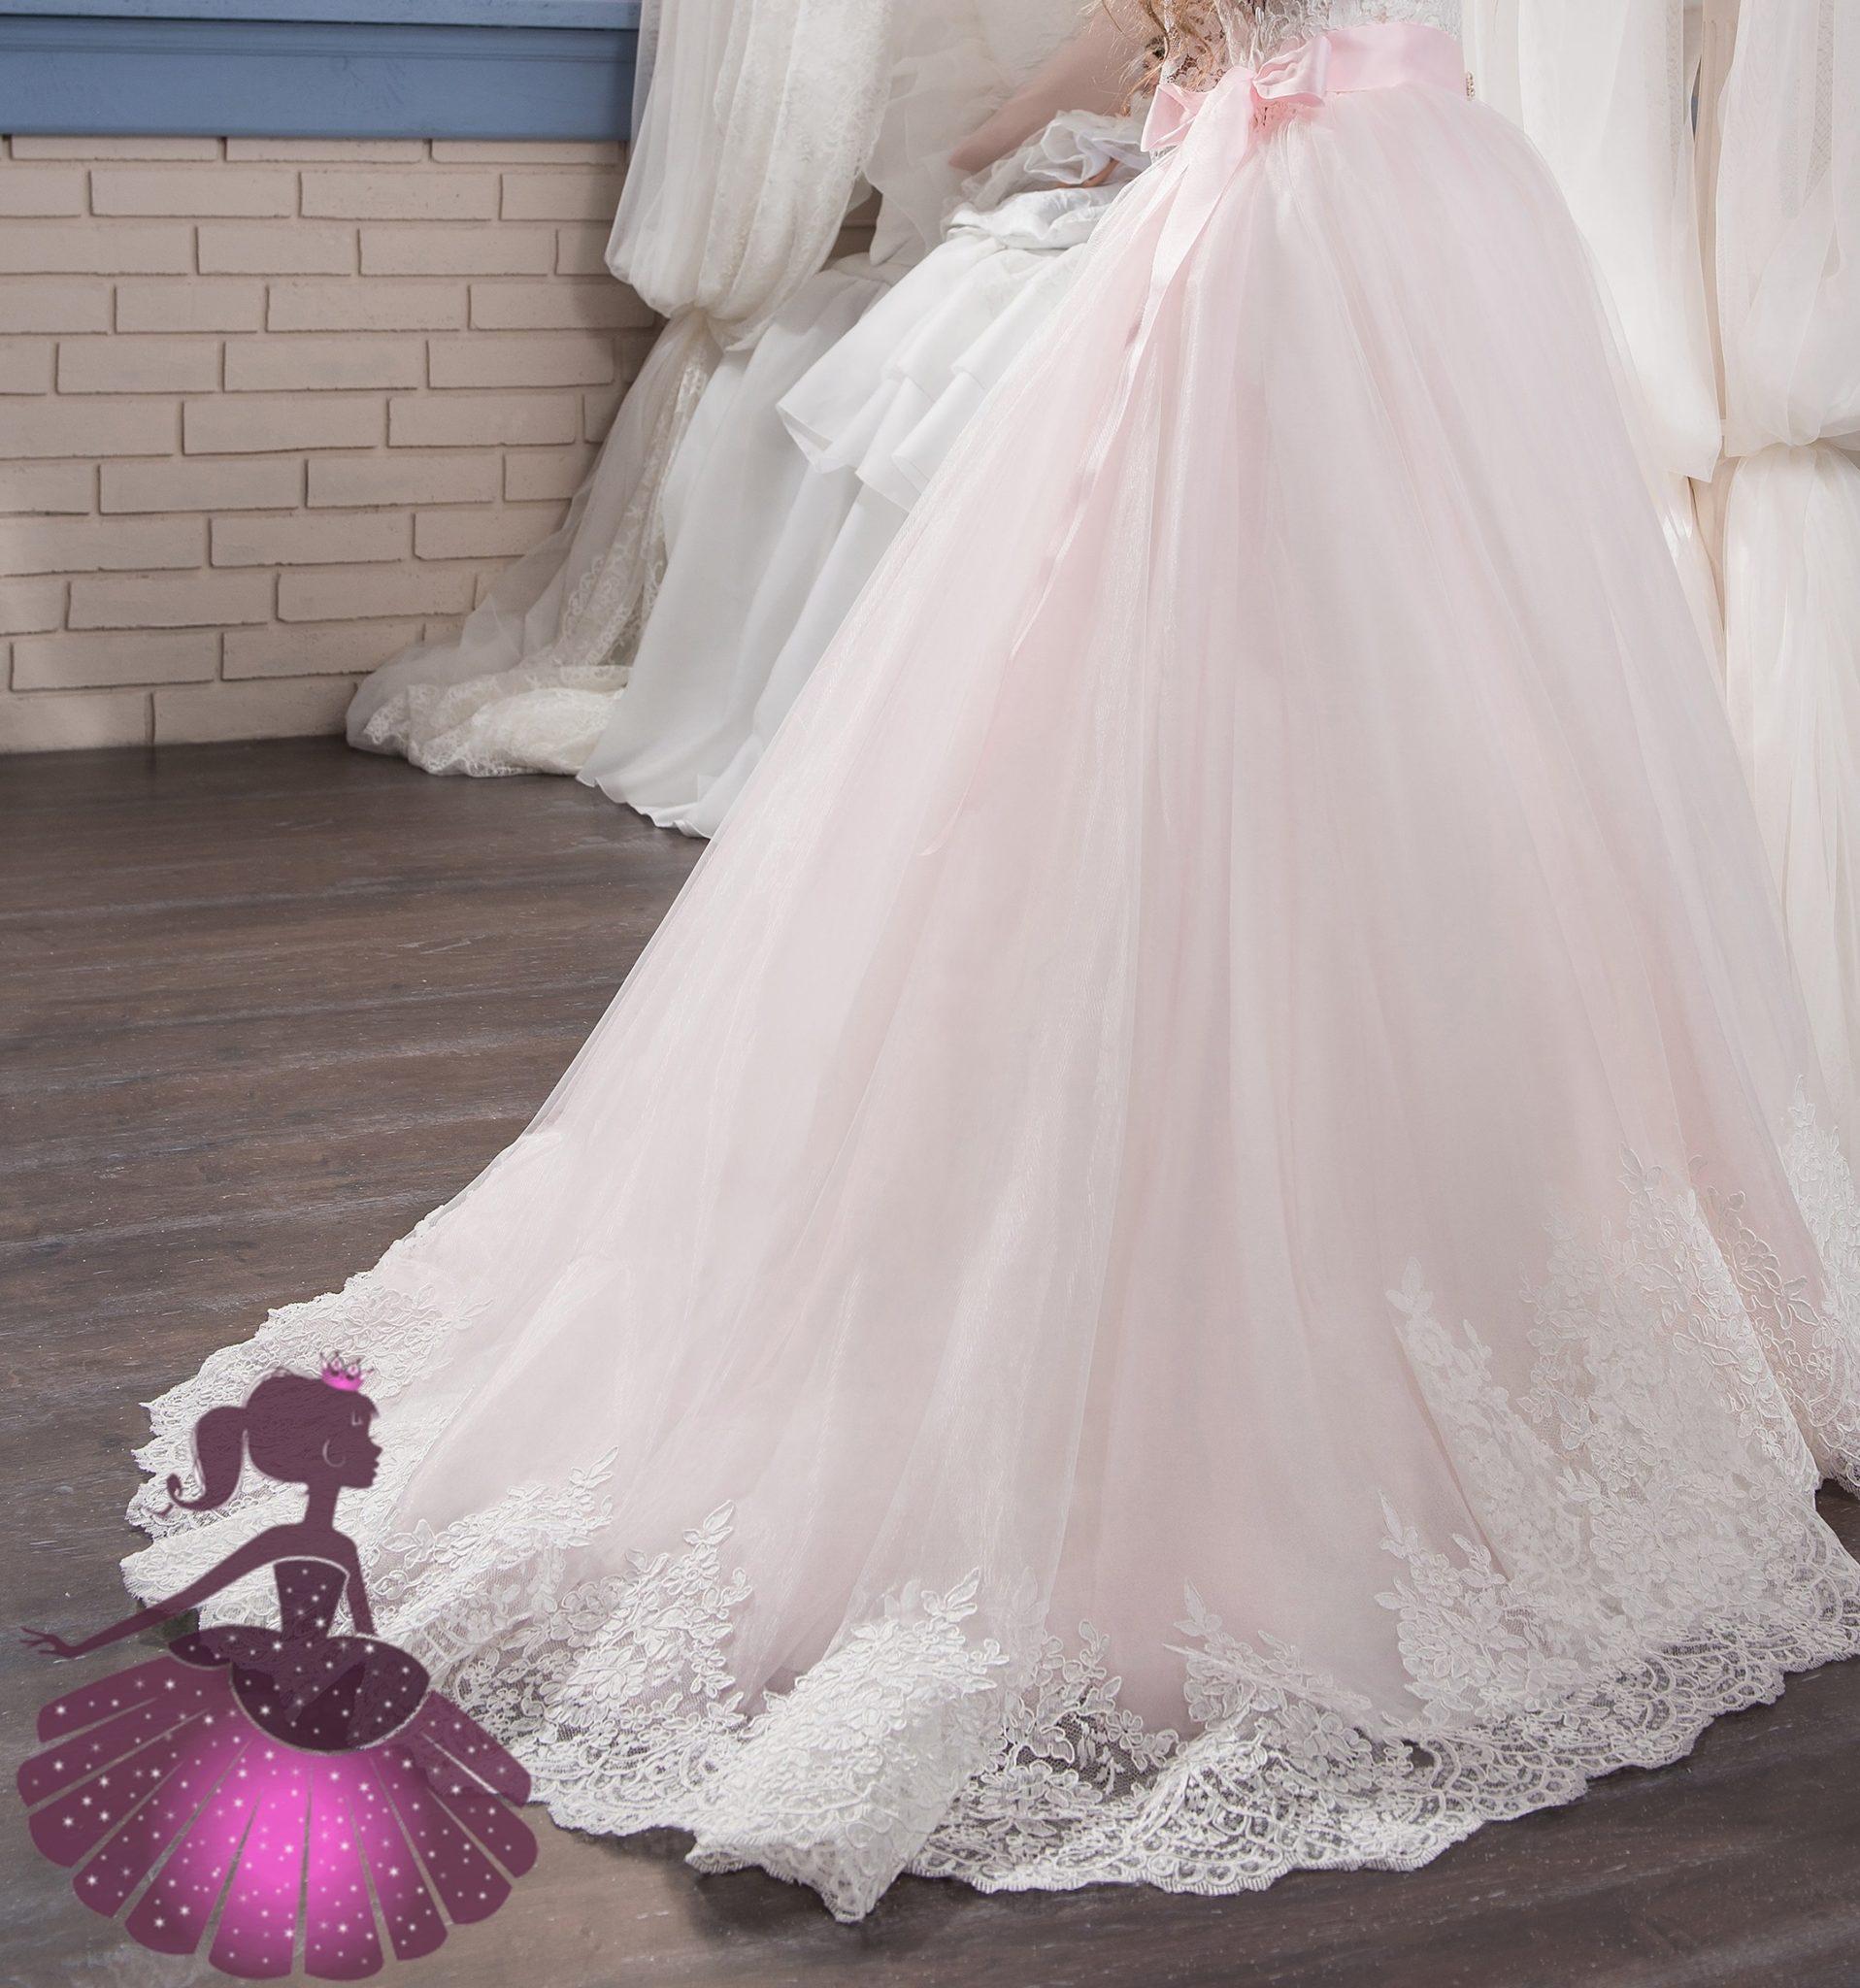 Аренда платьев Little queen dress в фотостудии Frontpage 1508 (2)